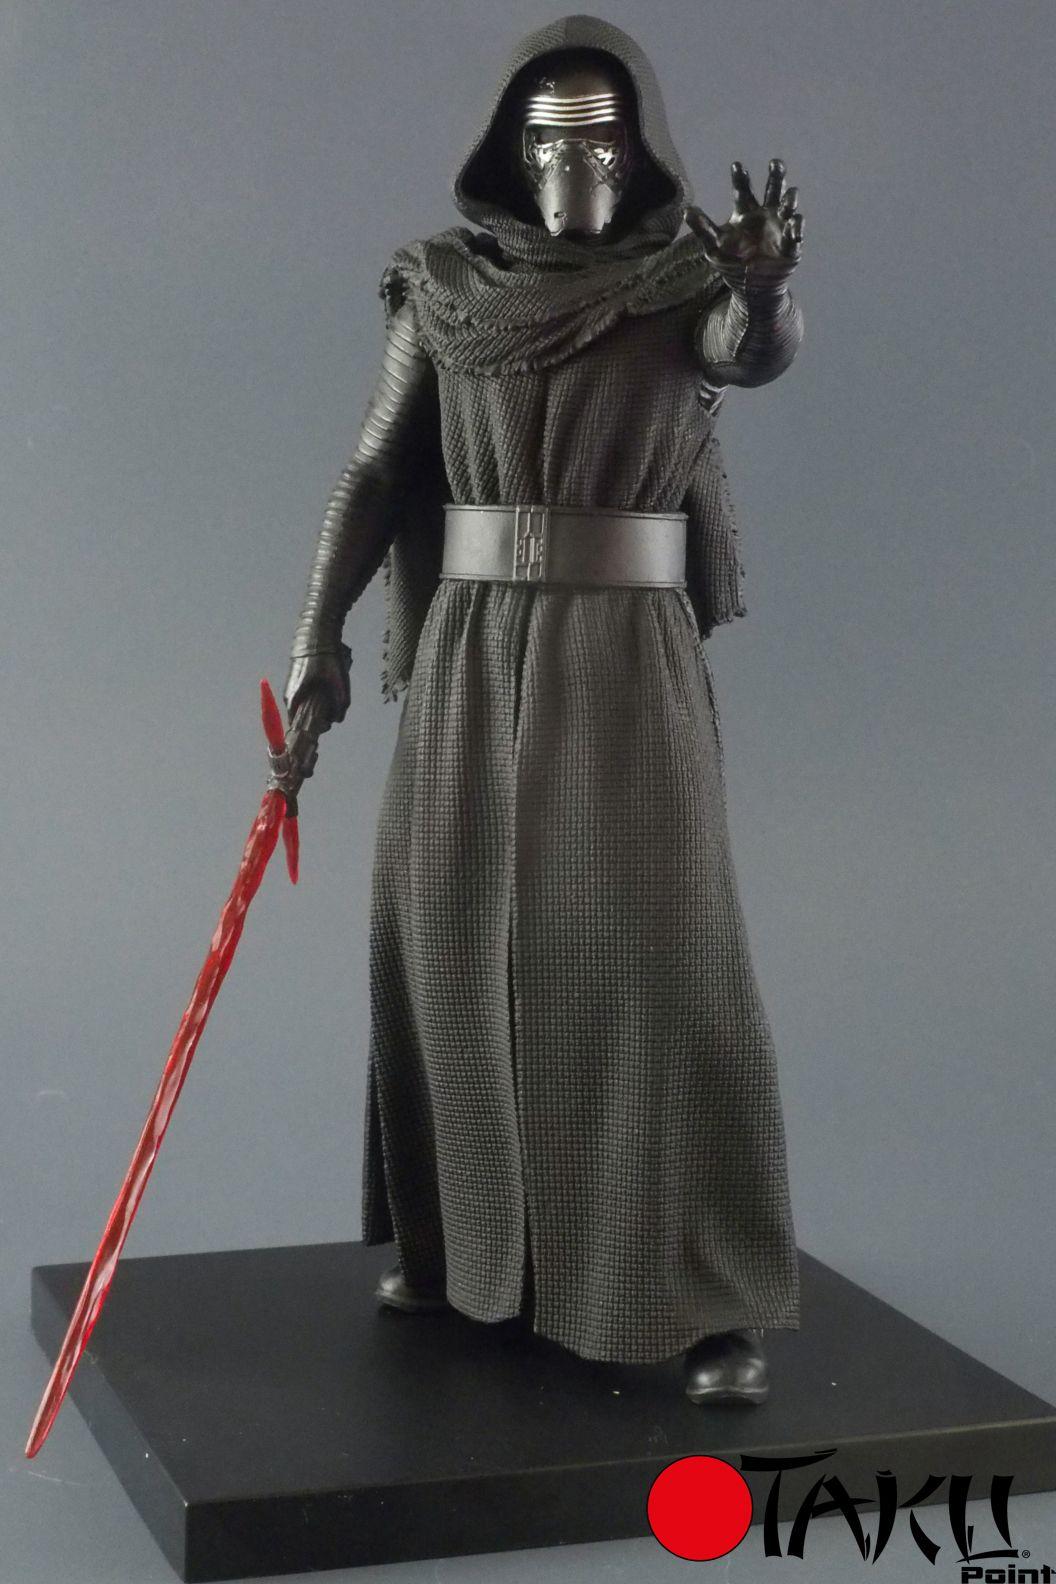 ArtFx + Action Figure - Star Wars - Kylo Ren Kotobukiya